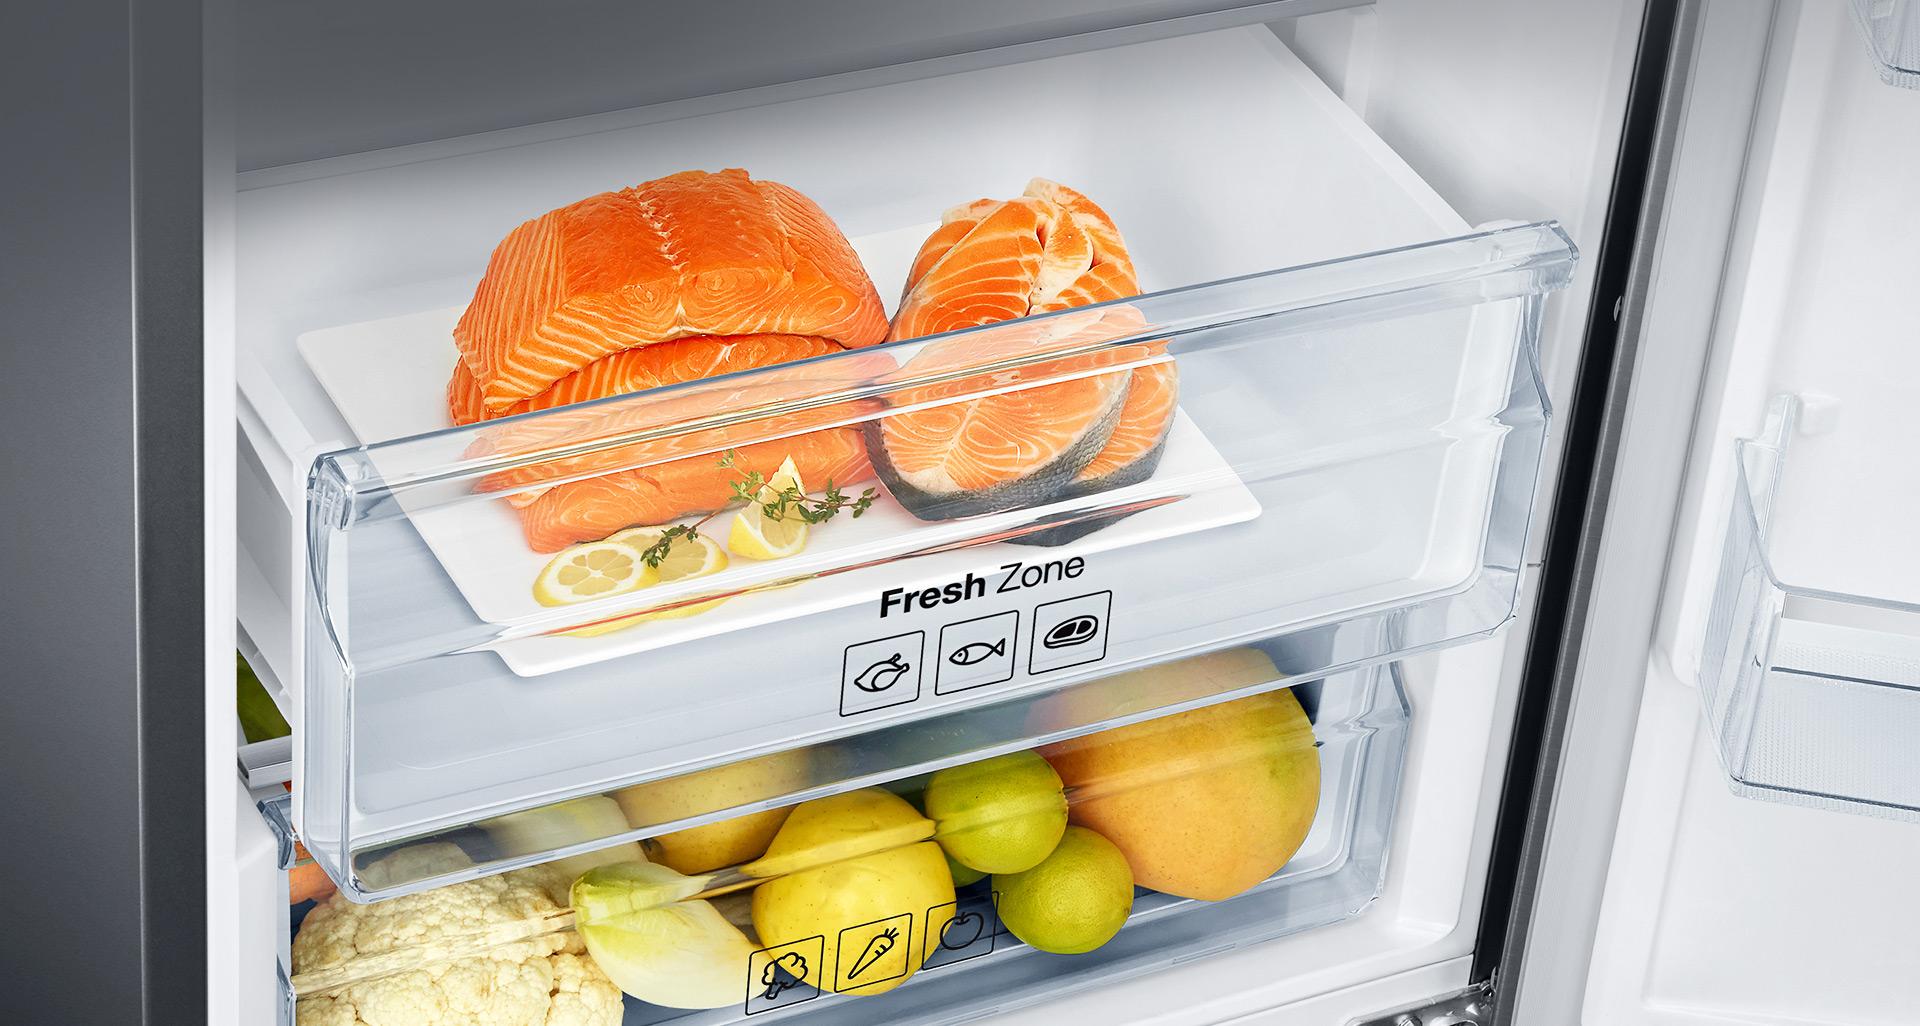 Самая холодная полка в холодильнике